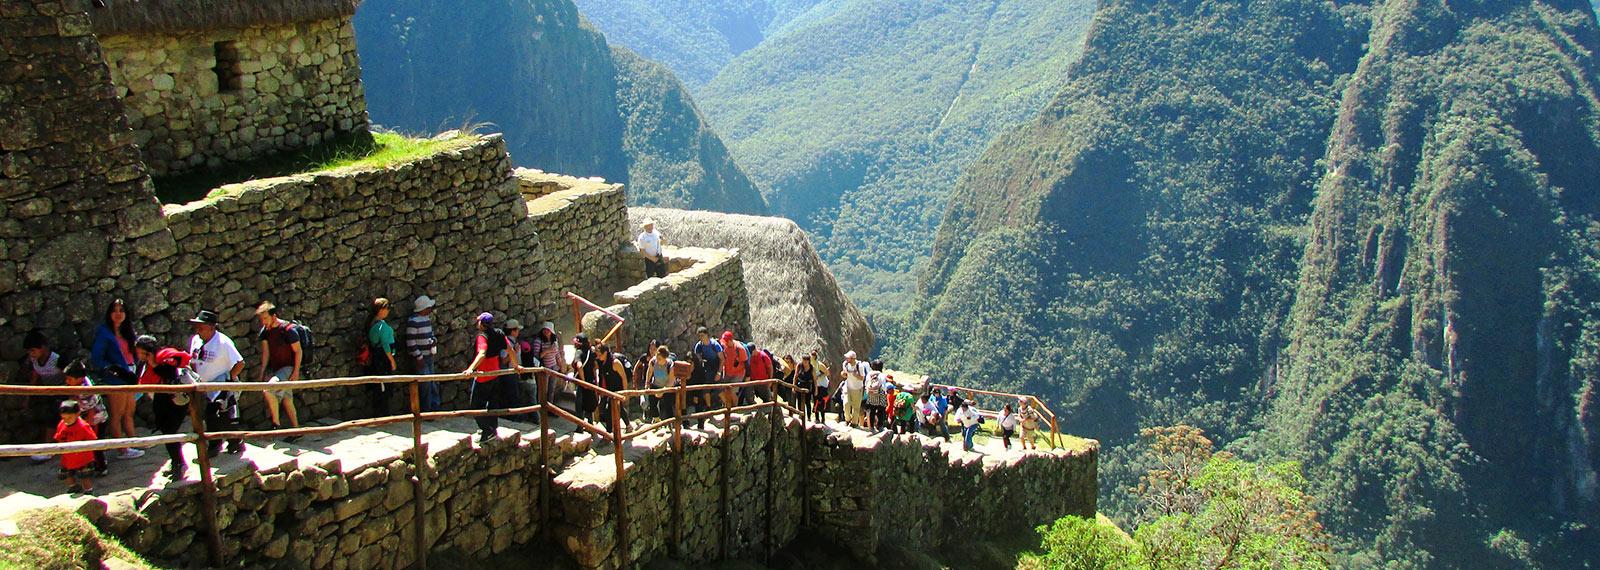 Inca trail classic trek